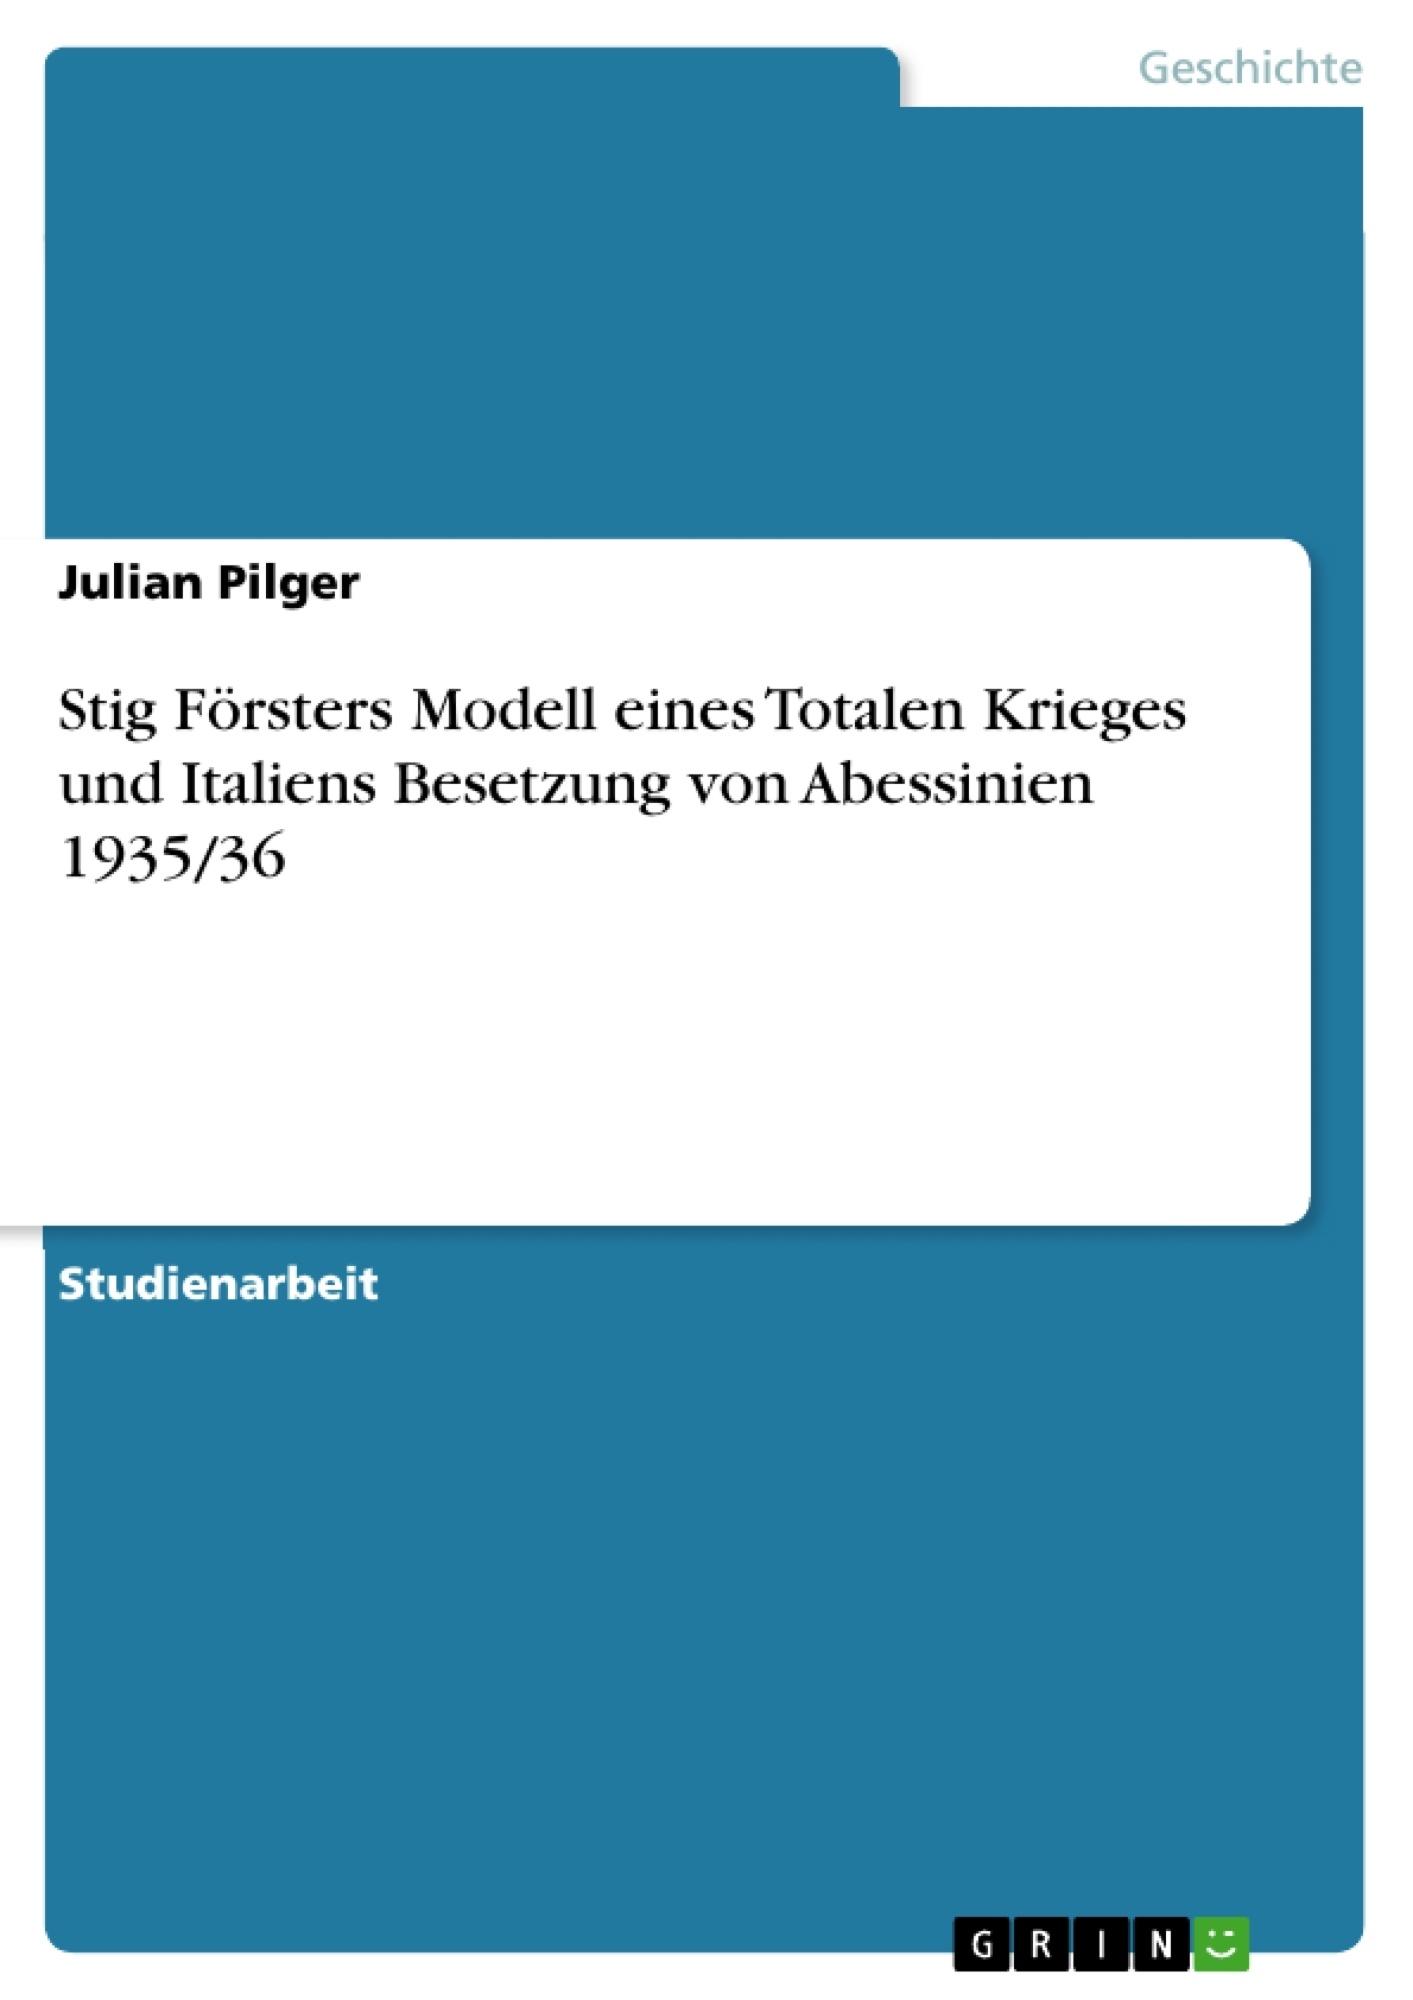 Titel: Stig Försters Modell eines Totalen Krieges und Italiens Besetzung von Abessinien 1935/36